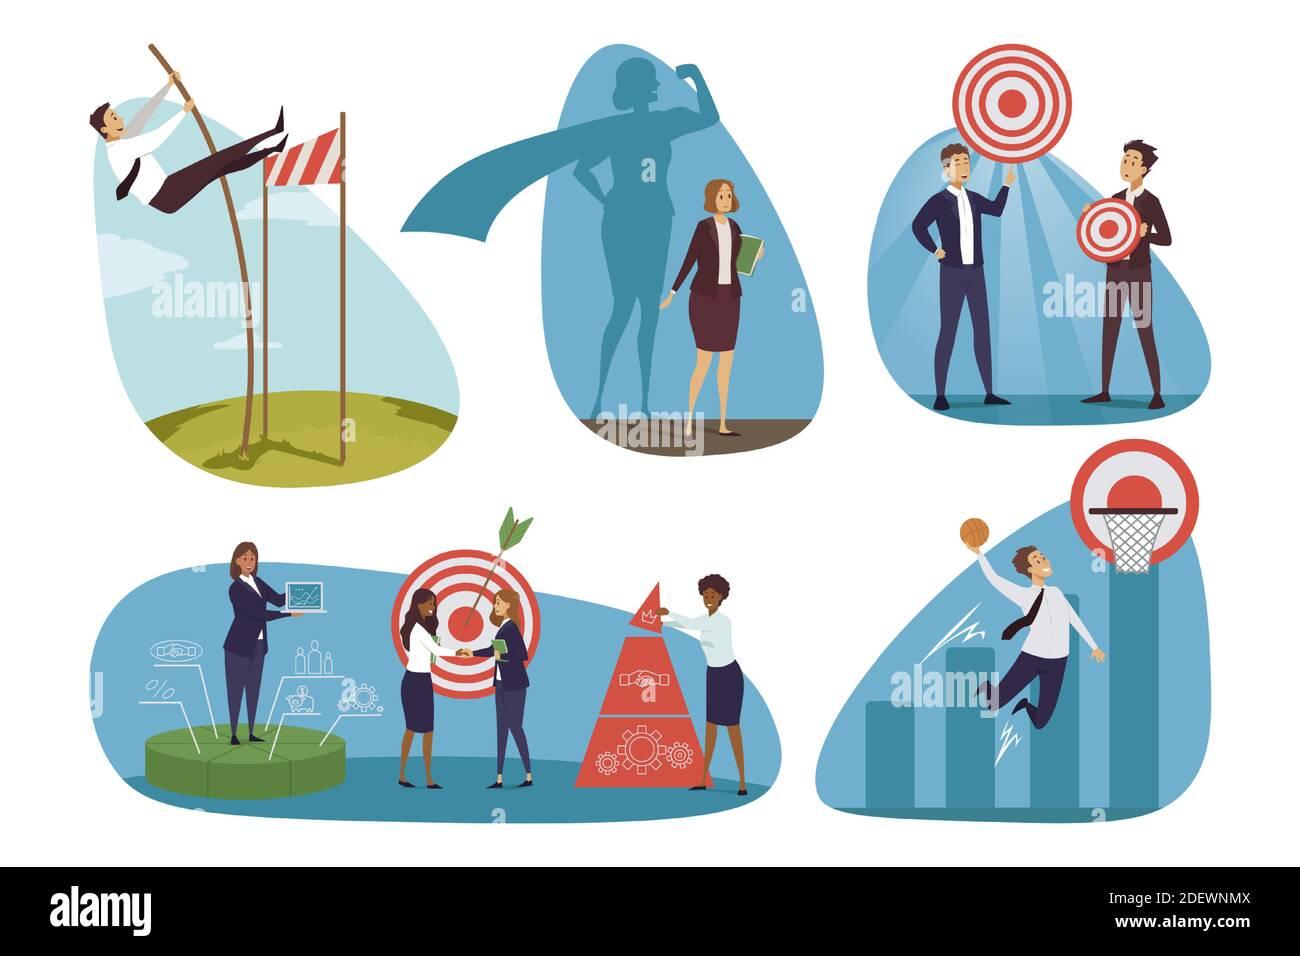 Definición de objetivos, negocios y objetivos. Hombres de negocios mujeres gerentes de oficina moviéndose a través de obstáculos para obtener beneficios financieros y cooperando juntos. Creación y análisis de equipos. Ilustración del Vector